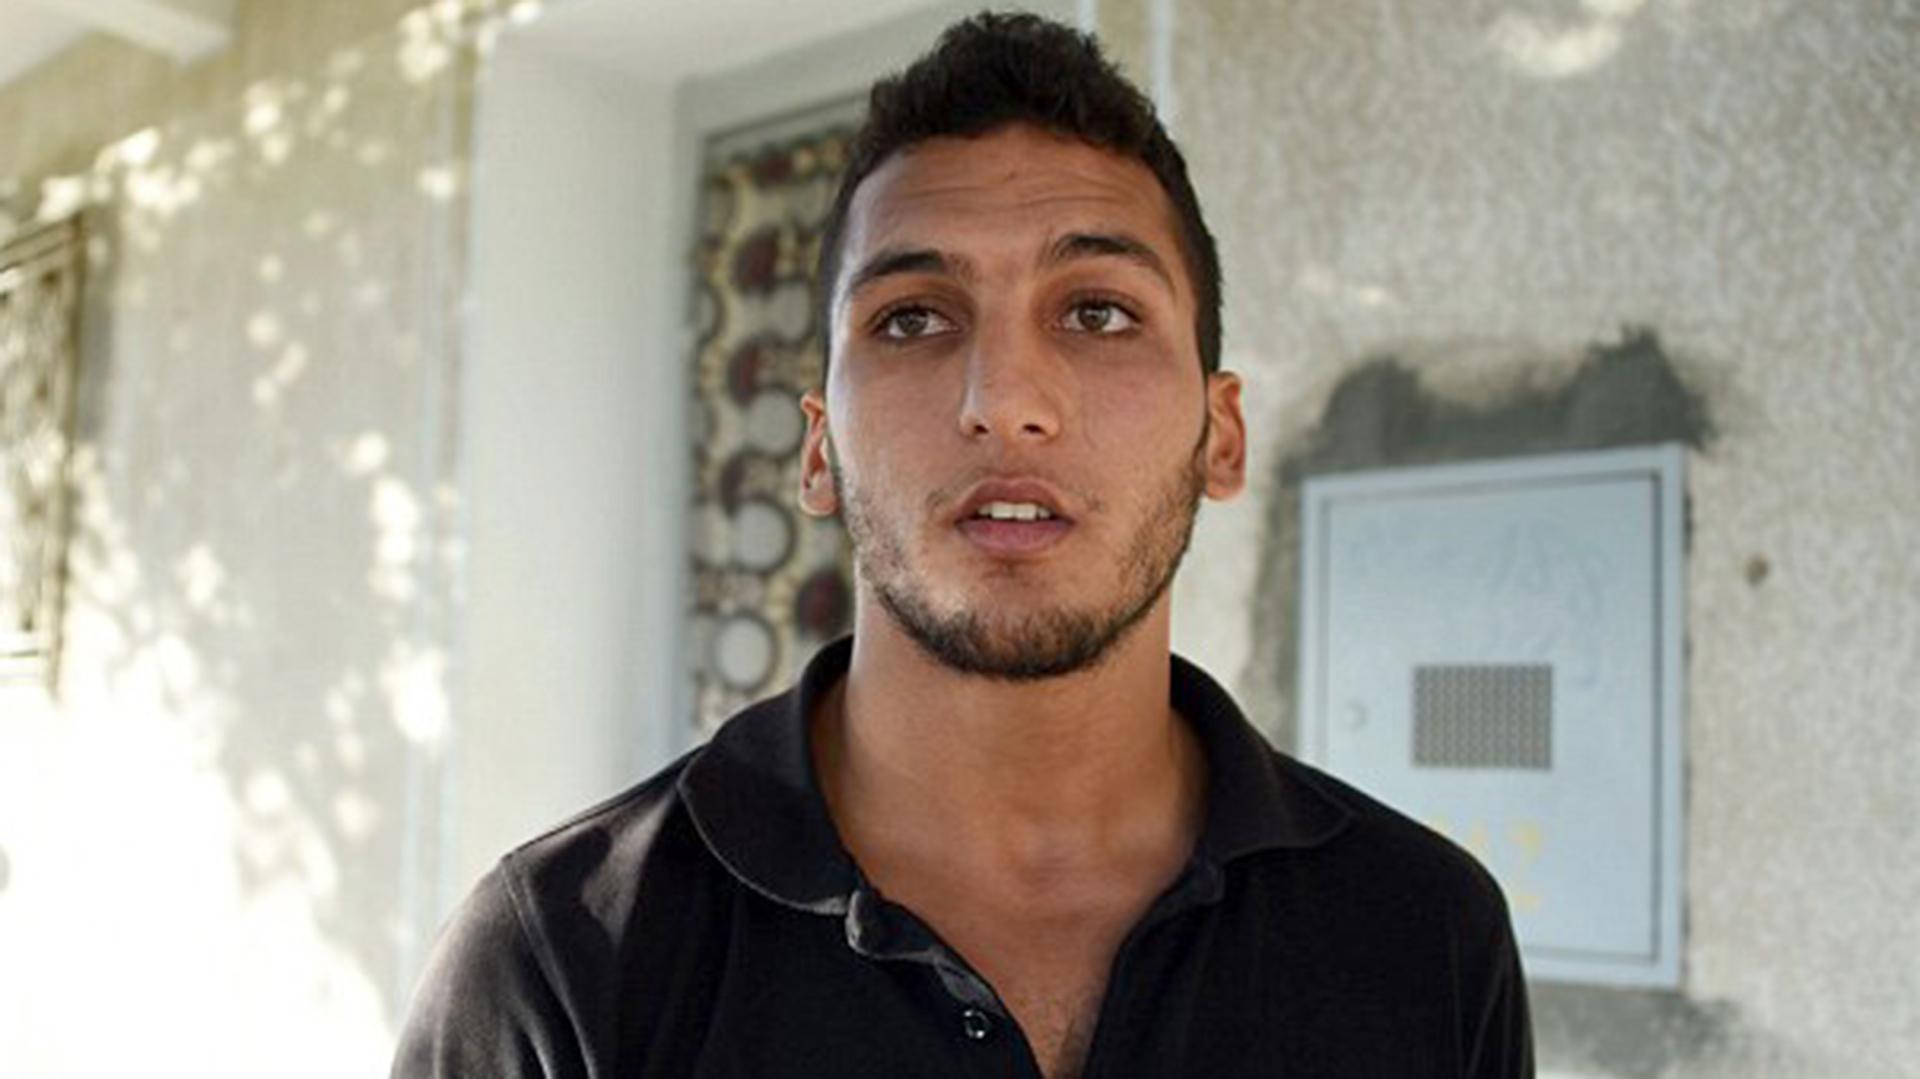 Jaber Bouhlel dijo que notó feliz a su hermano cuando habló con él, poco antes de la masacre. (AFP)